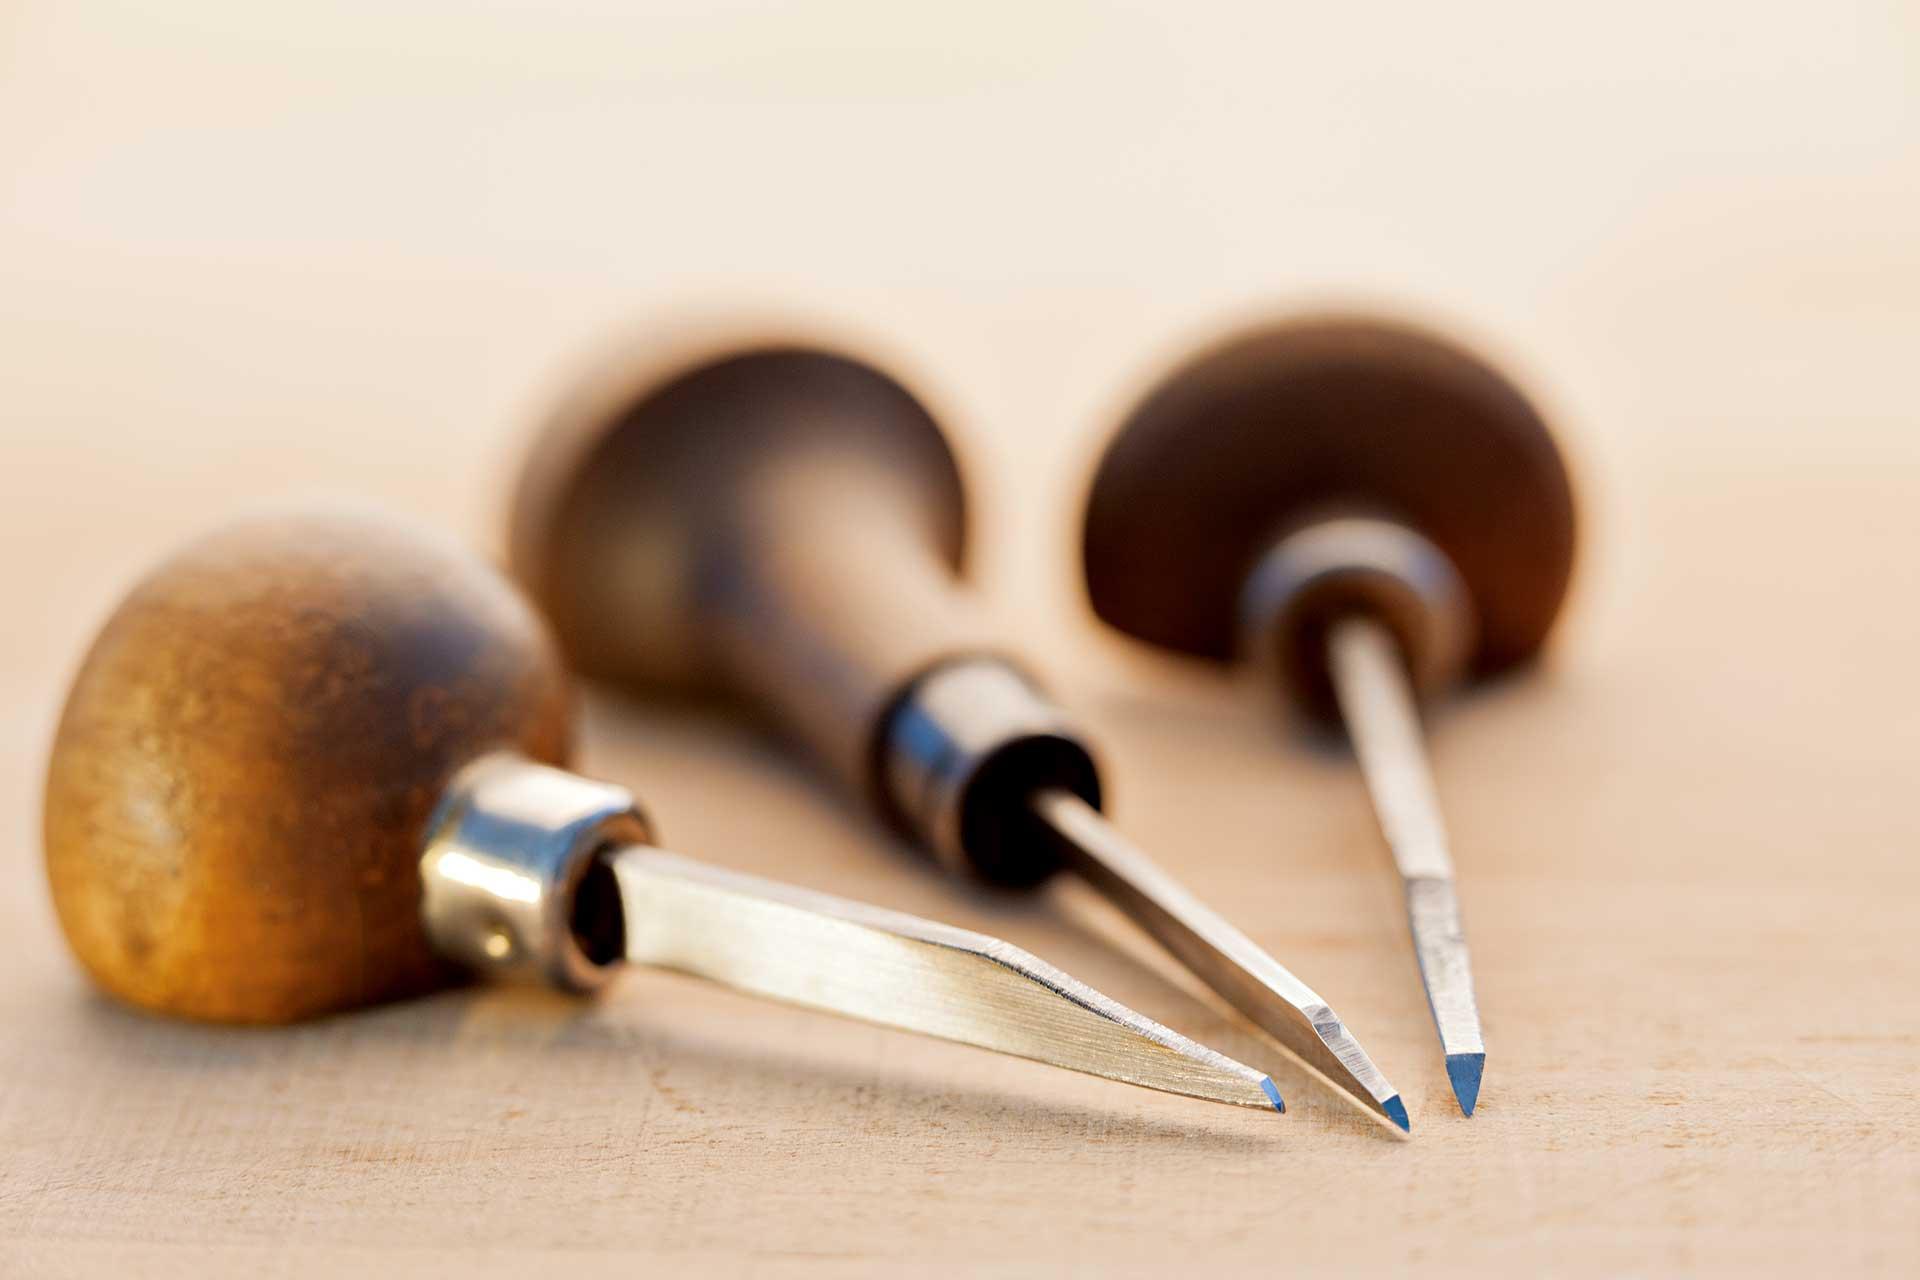 Das Werkzeug des Graveurs: Stichel, die individuell angepasst werden.